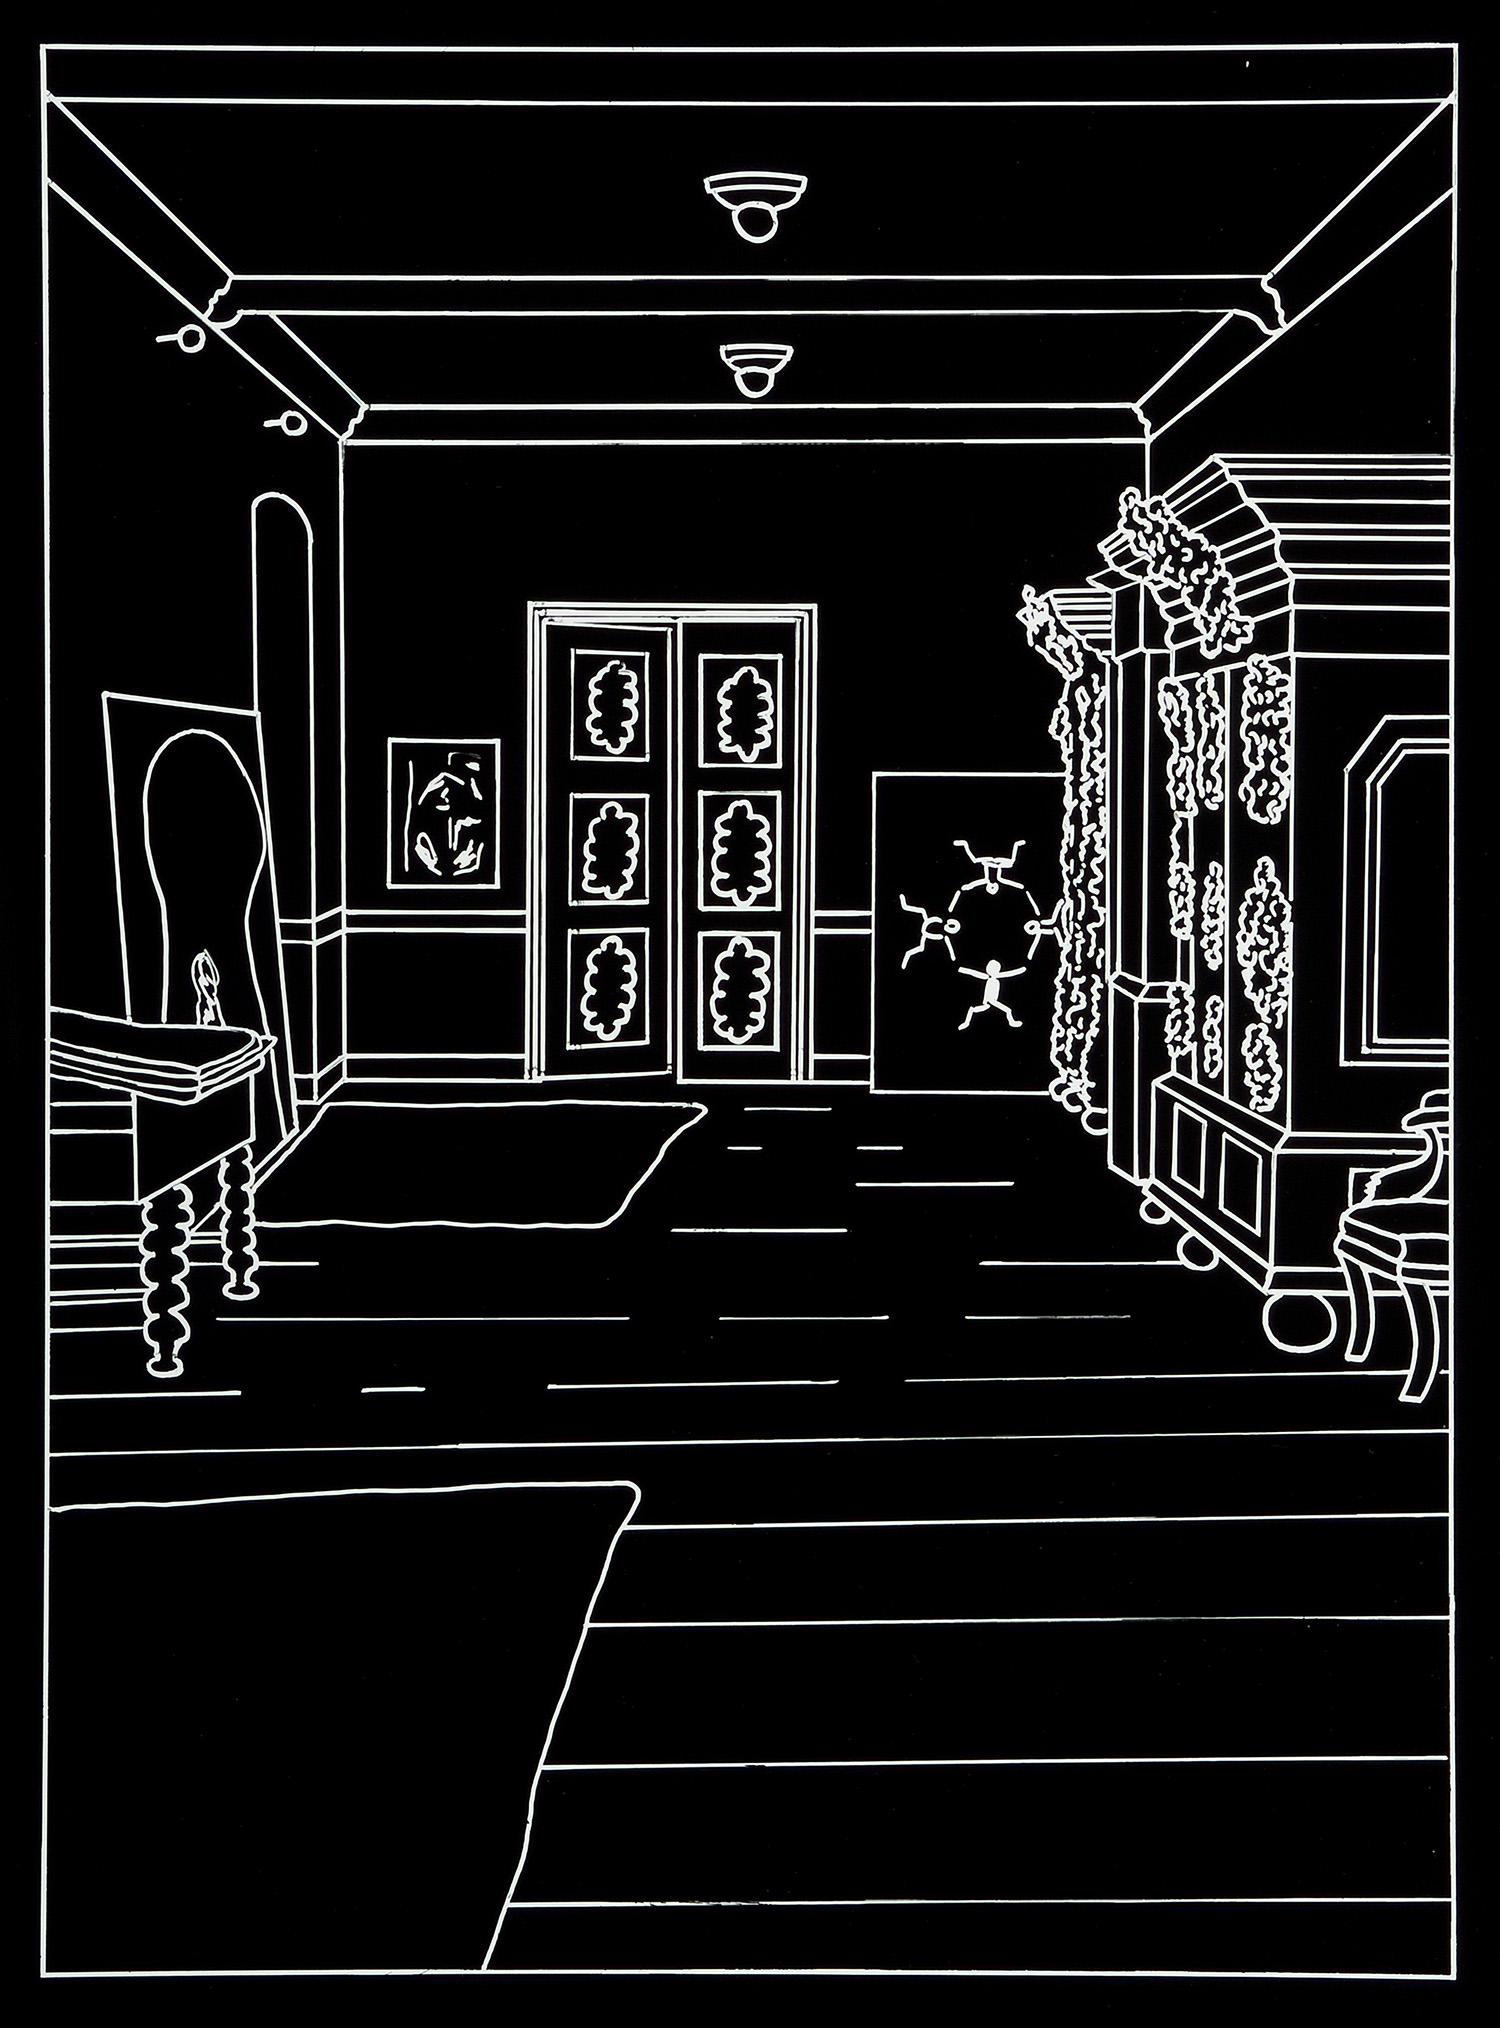 Der Besuch (6) | 1993 | Fotografie | 46,5 x 35,5 cm